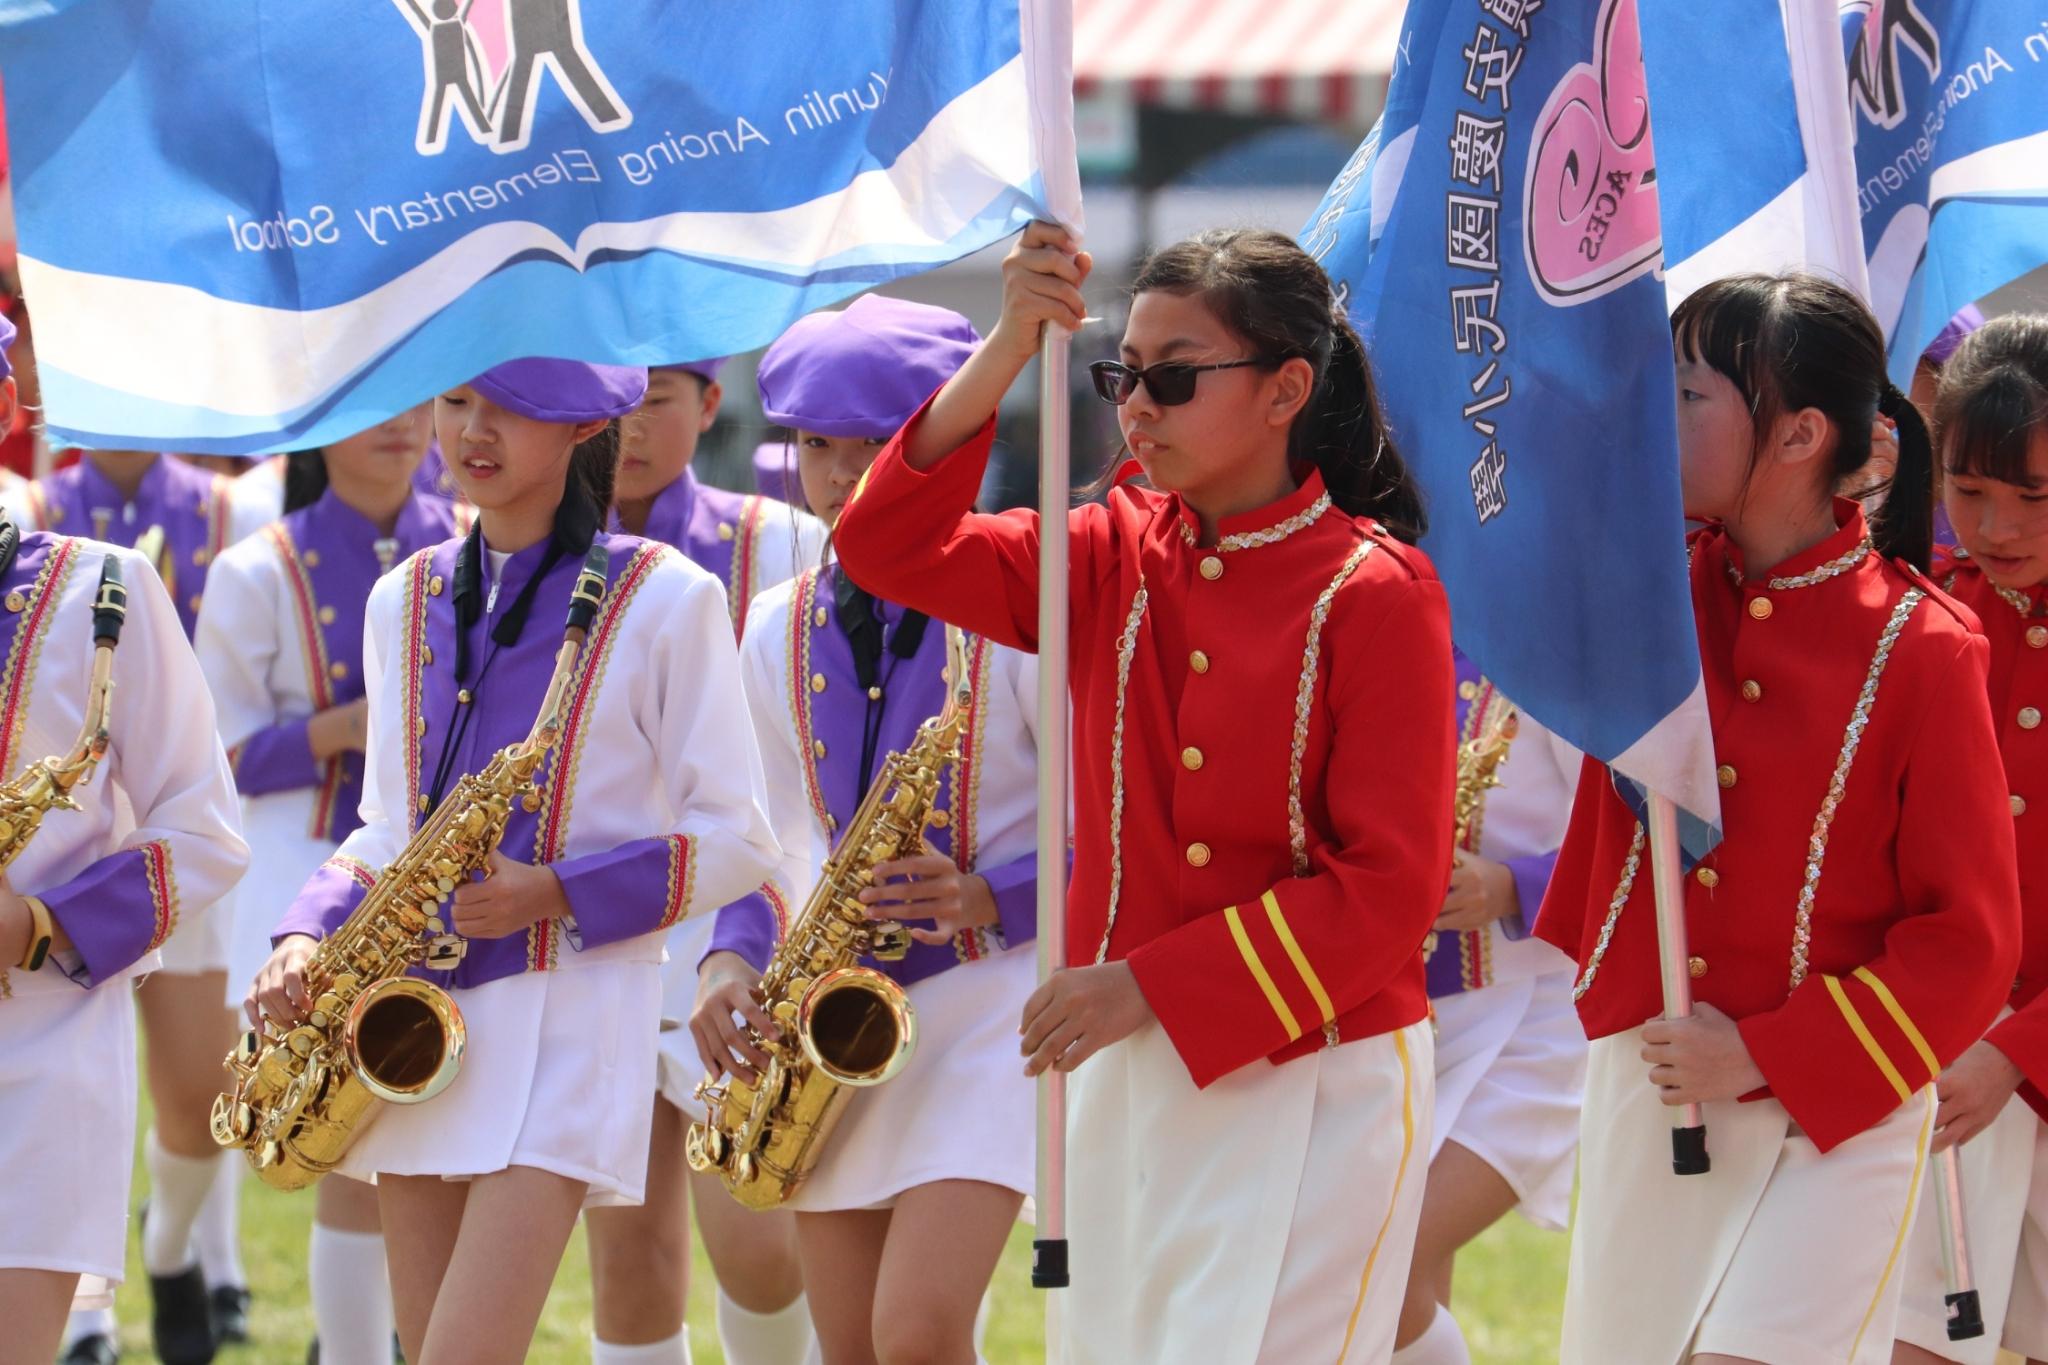 107學年全國學生音樂比賽行進管樂中區行進花絮